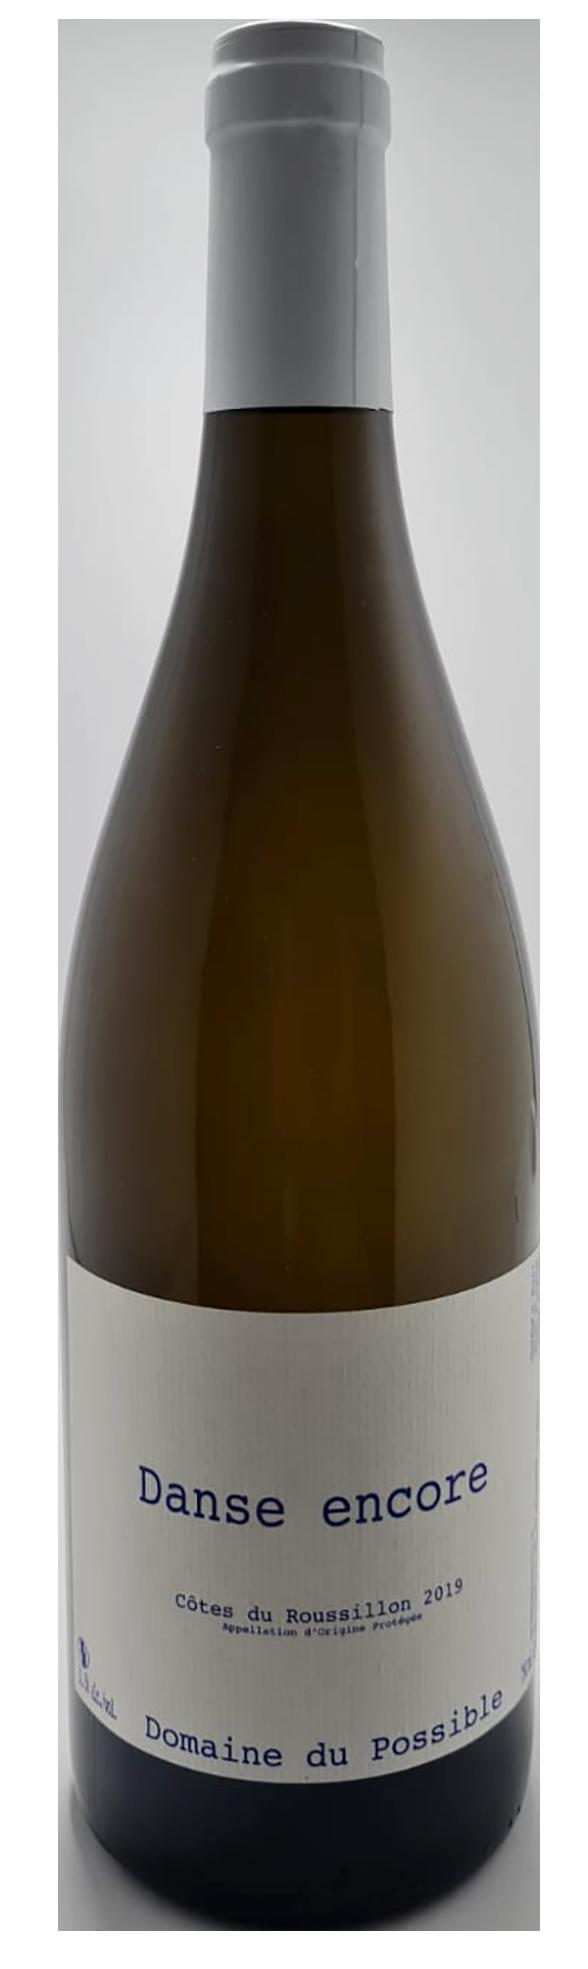 bouteille de vin blanc naturel du roussillon, cuvée danse encore 2019, producteur en attendant la pluie